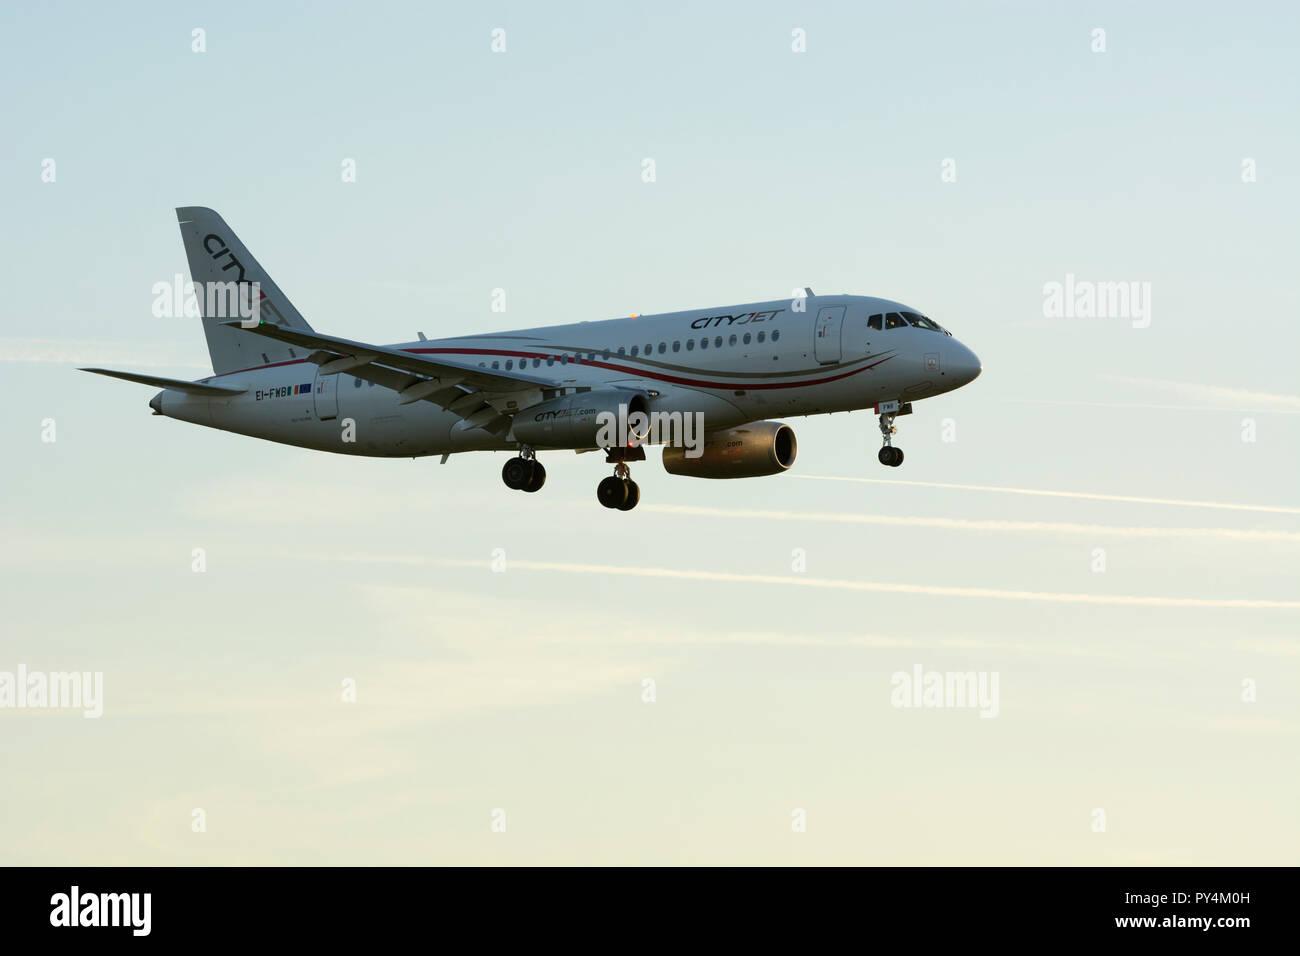 Cityjet Sukhoi Superjet 100-95B landing at Birmingham Airport, UK (EI-FWB) - Stock Image